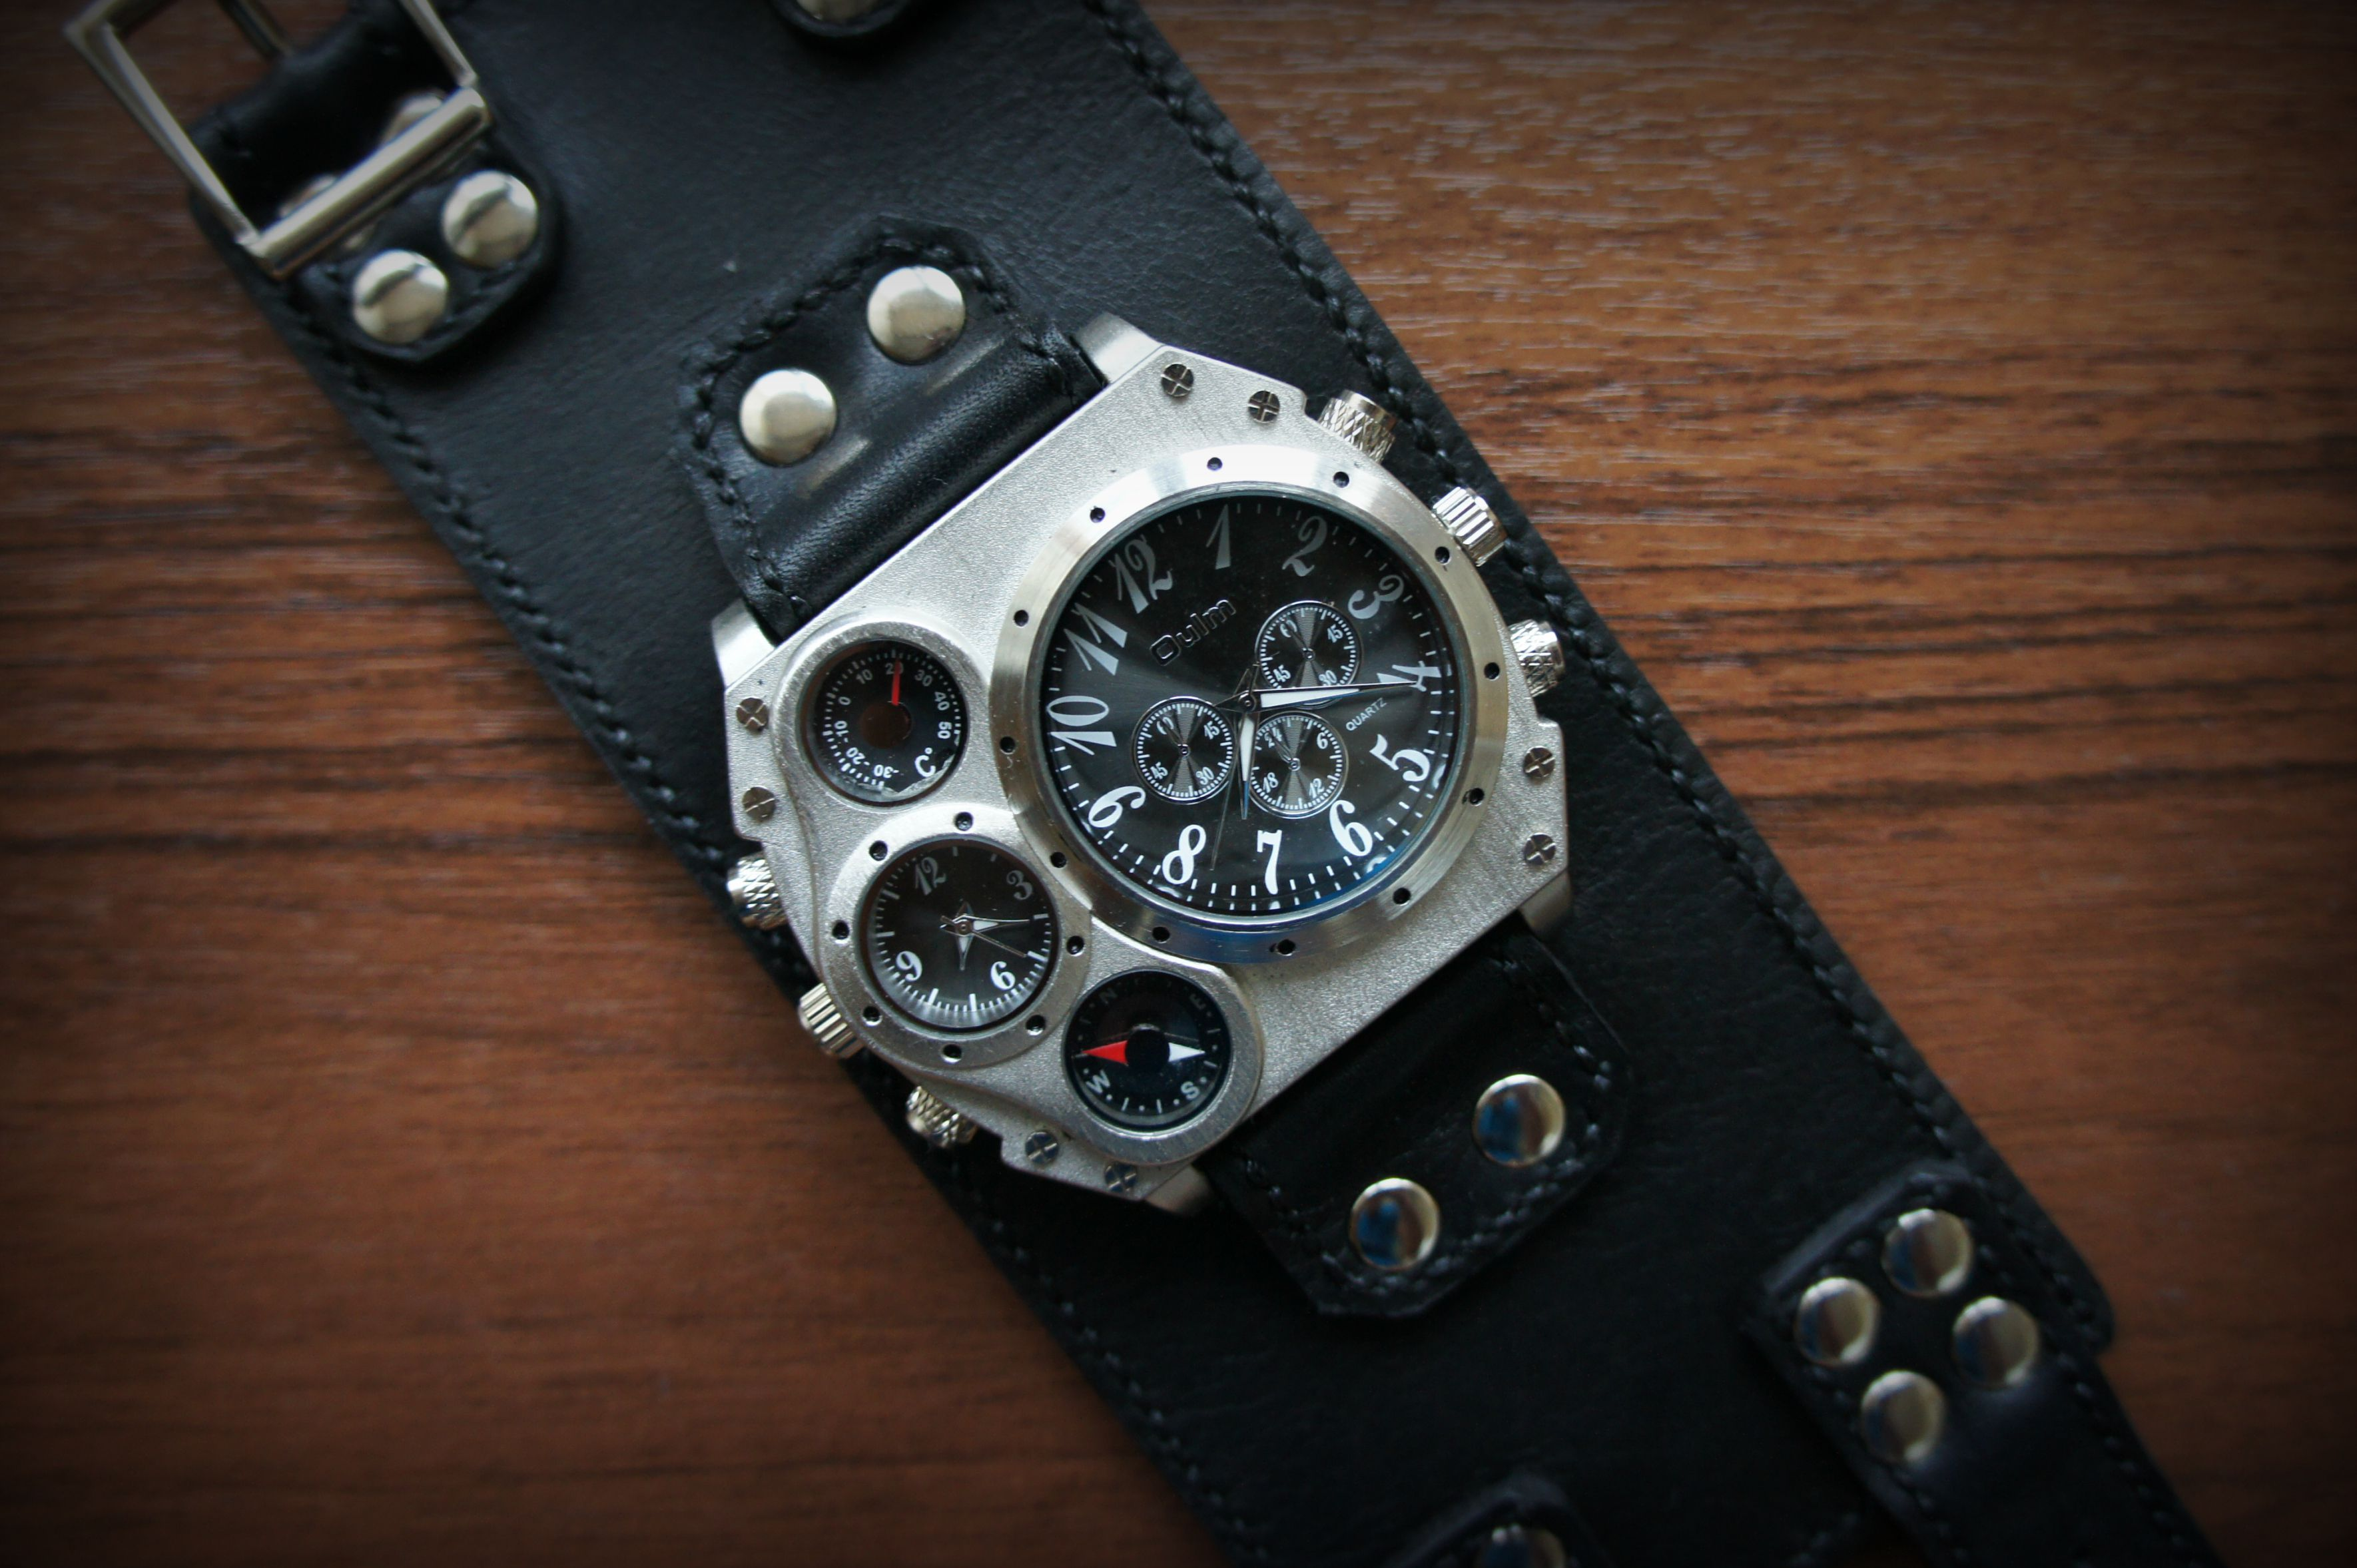 часынаширокомремешке браслетизкожи часыручнойработы часовоймеханизм наручныечасымужские часынаручныекупить подарокмужчине часынаширокомбраслете часы аксессуары handmade ручнаяработа кожа натуральнаякожа